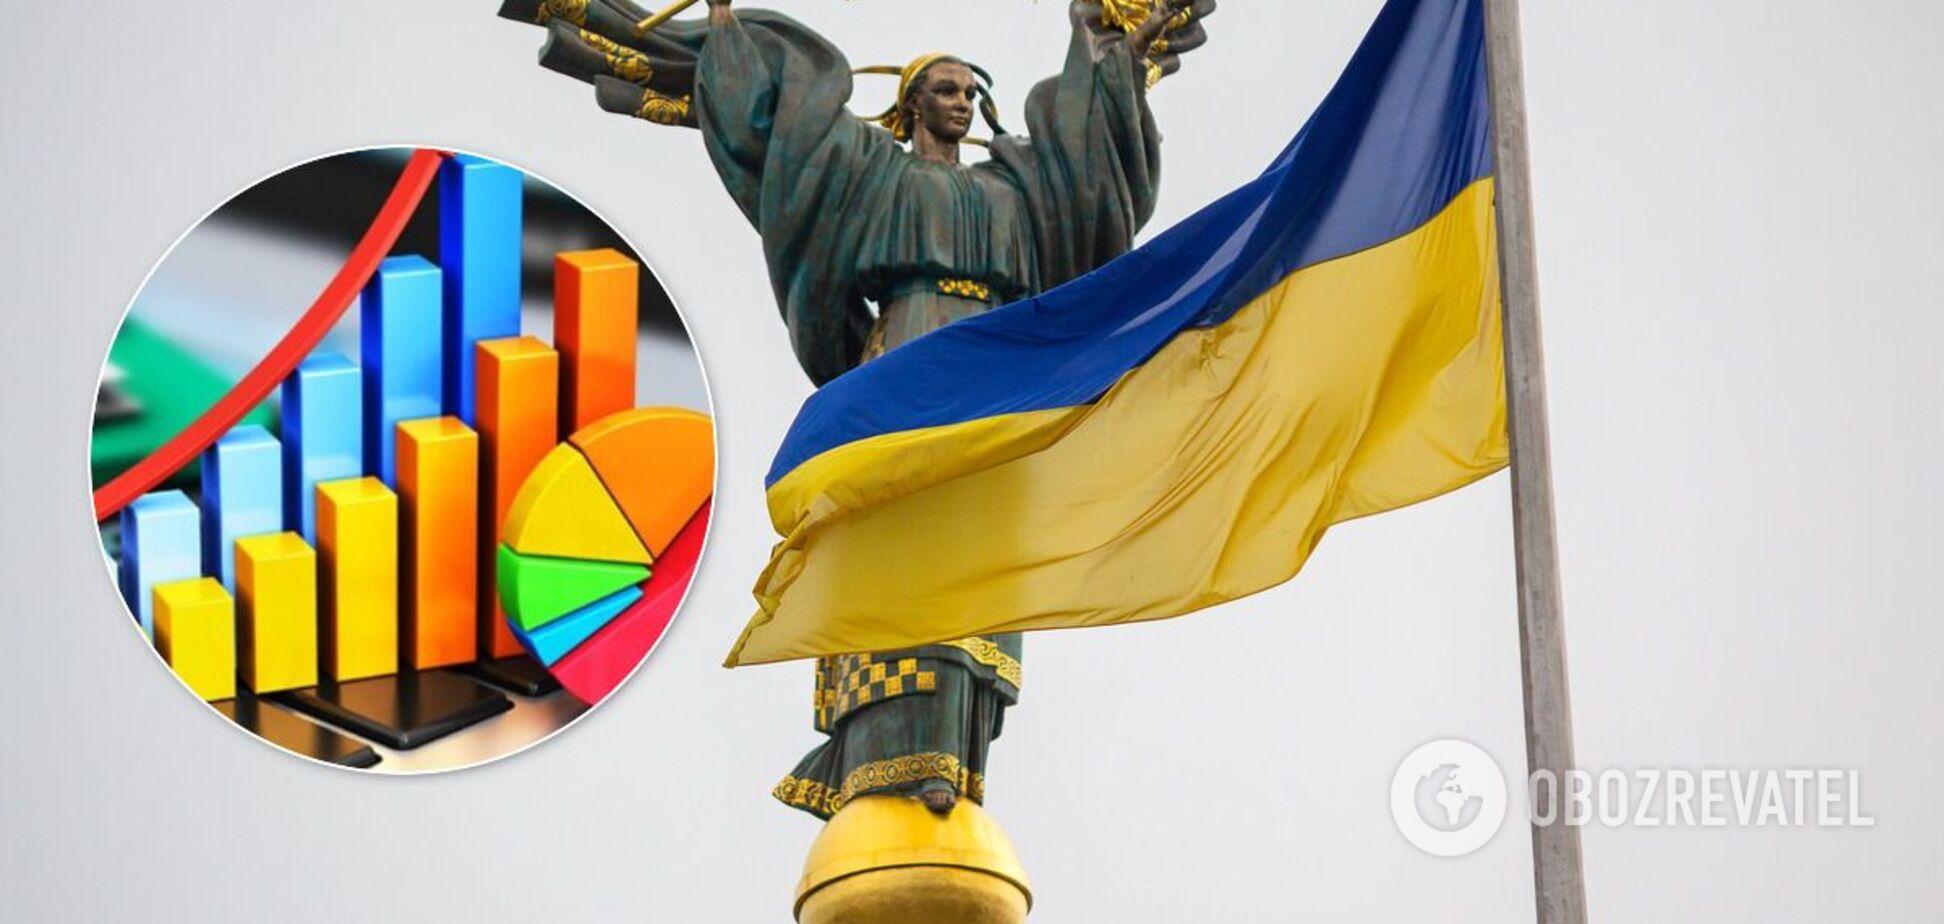 Рекорд смертности в Украине: даже в 2013 году такого не было